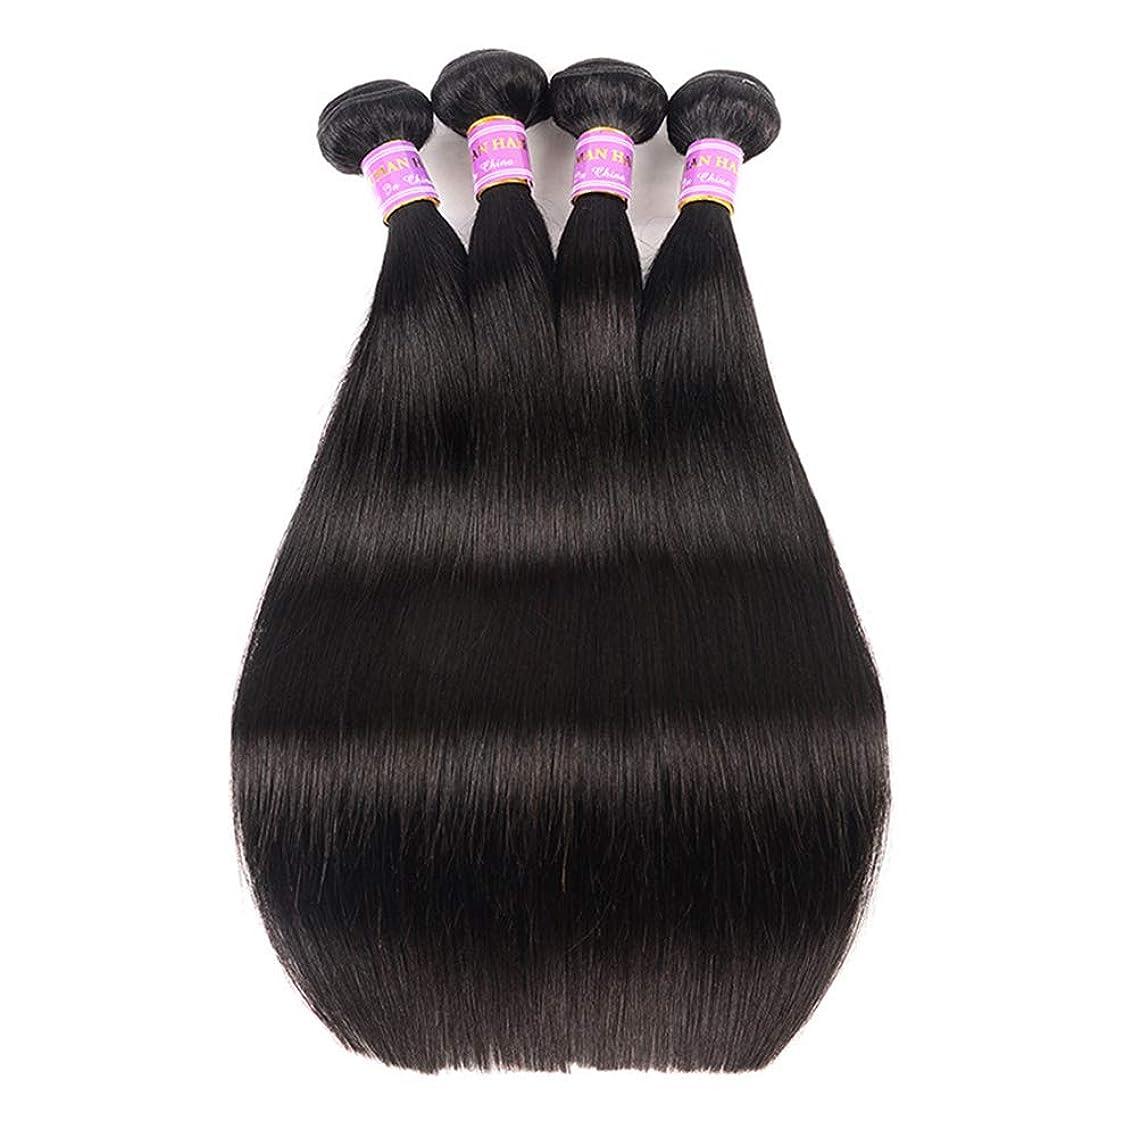 100%のremyブラジルの人間の髪の毛未処理の自然な黒の色を編む女性の髪を染めることができます二重よこ糸人間の髪織りエクステンションシルキーストレートヘア